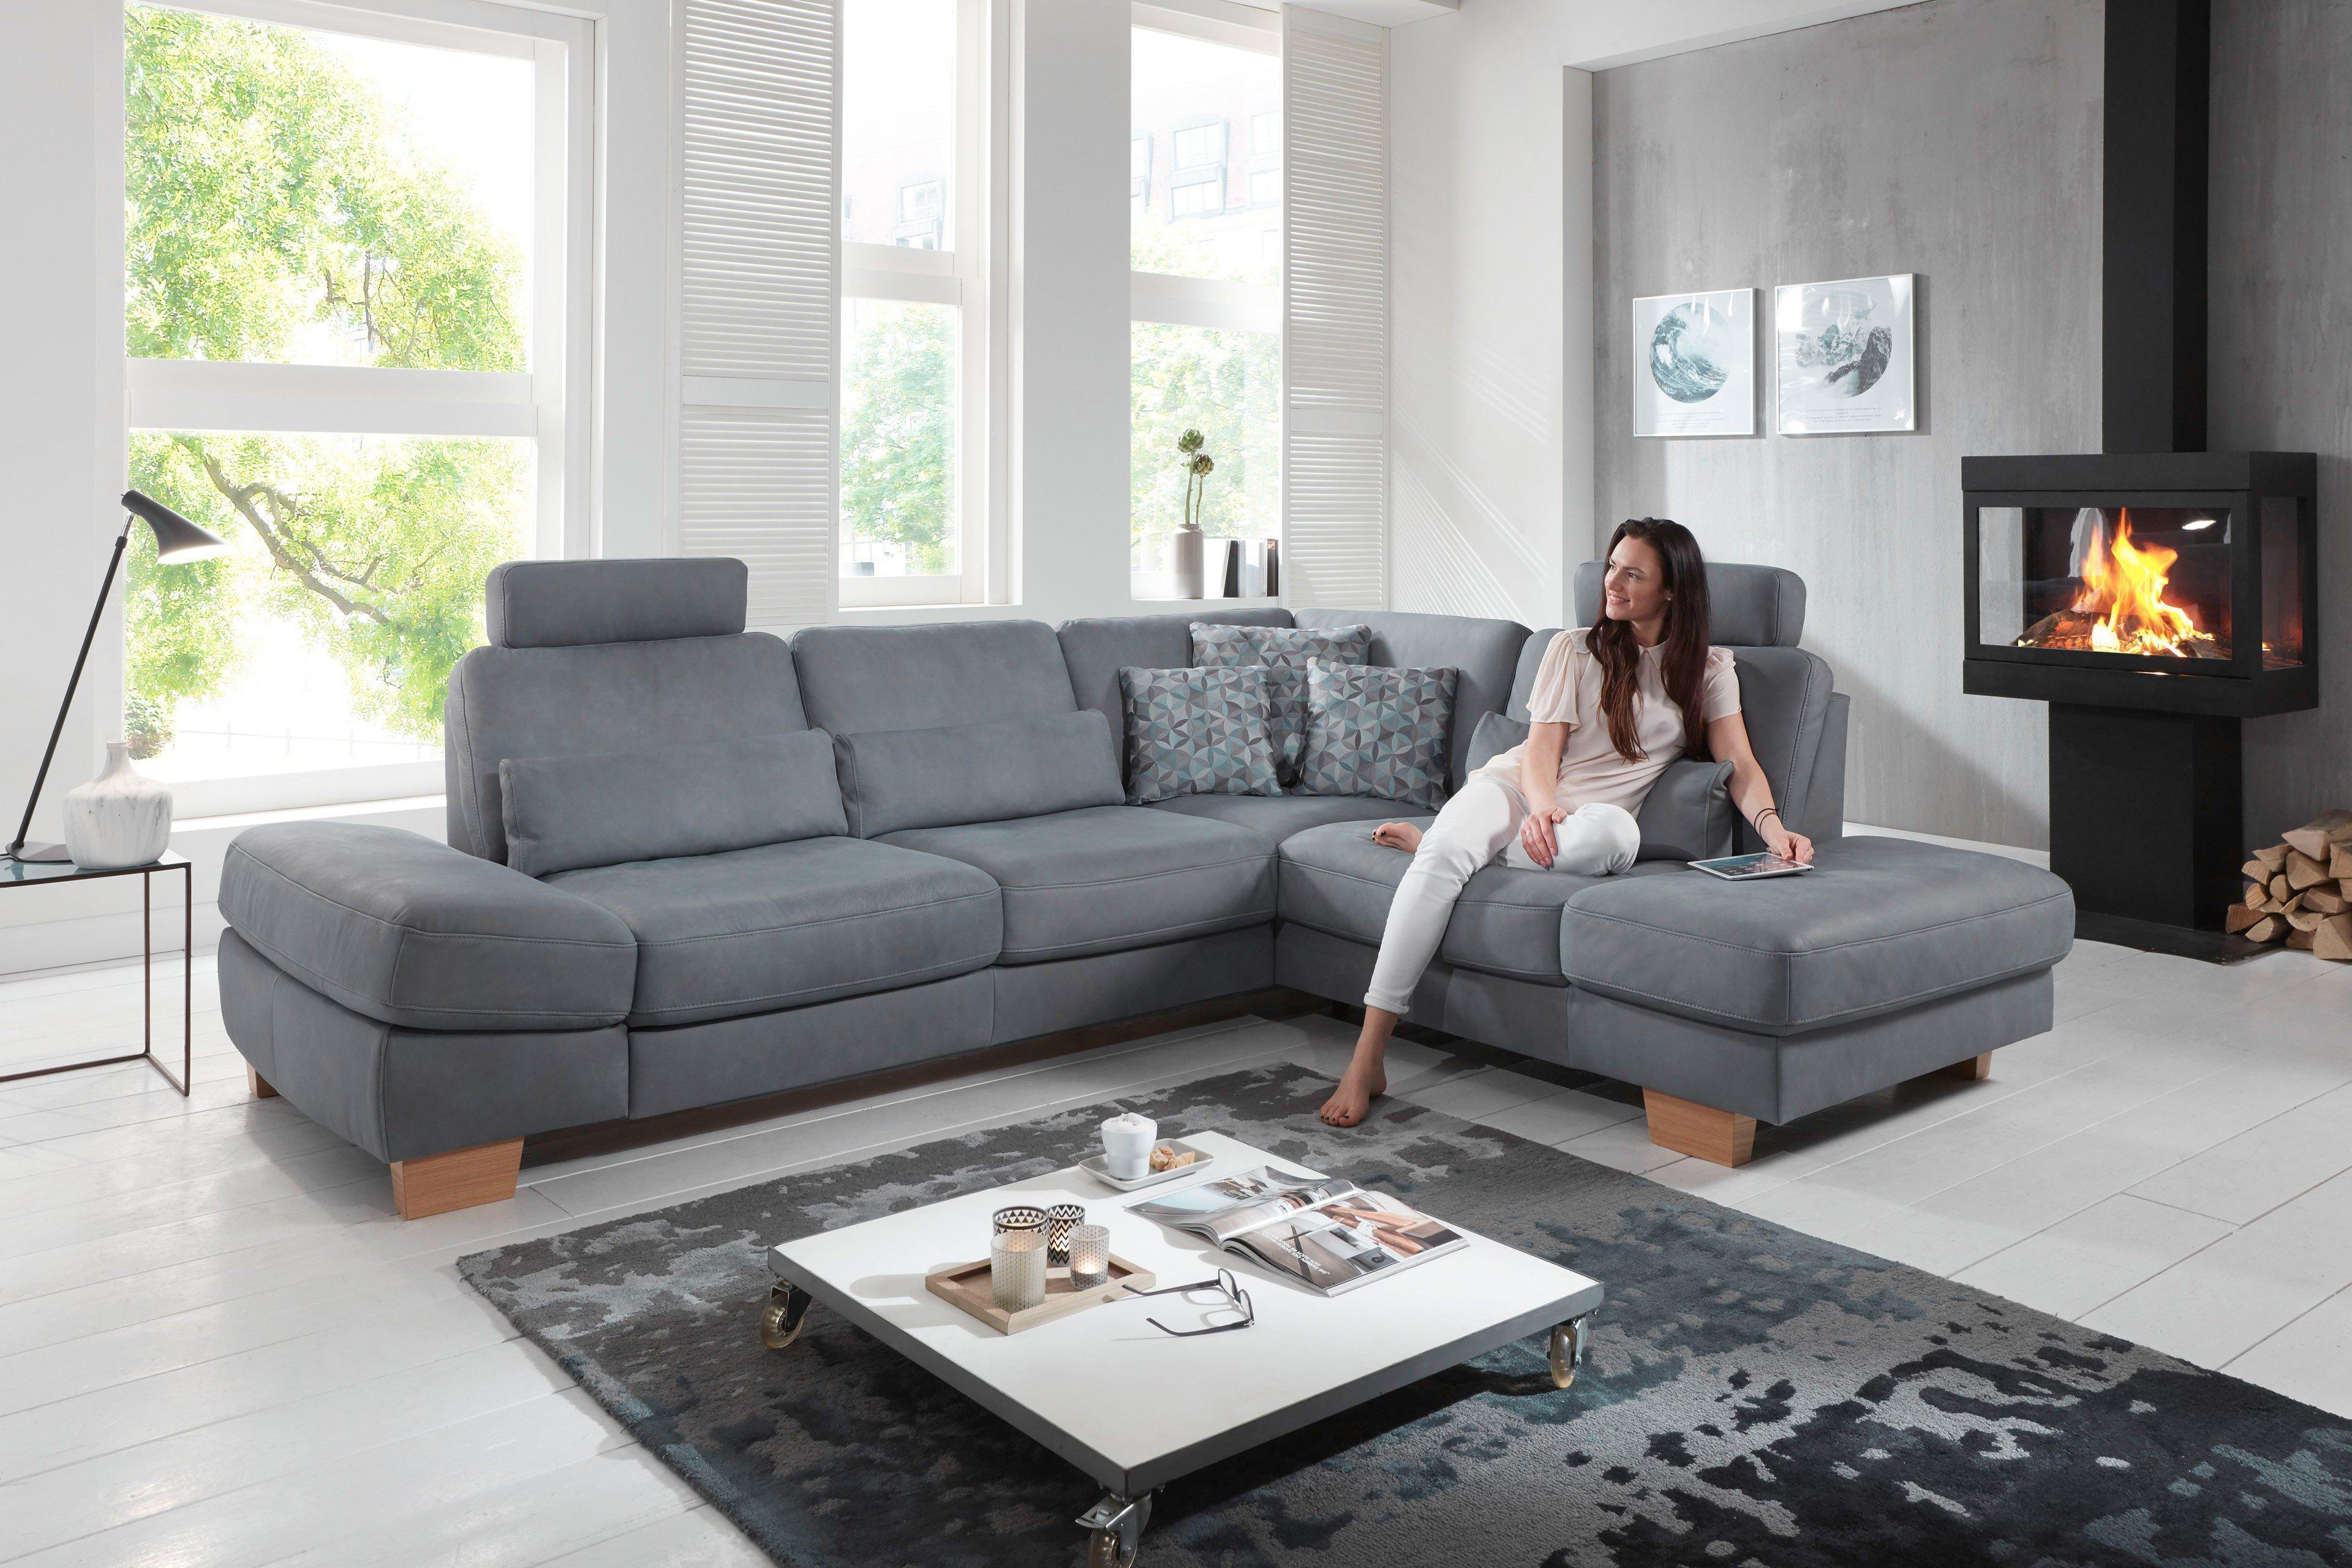 Polinova Bellamonte Ledergarnitur in Grau | Möbel Letz - Ihr Online-Shop